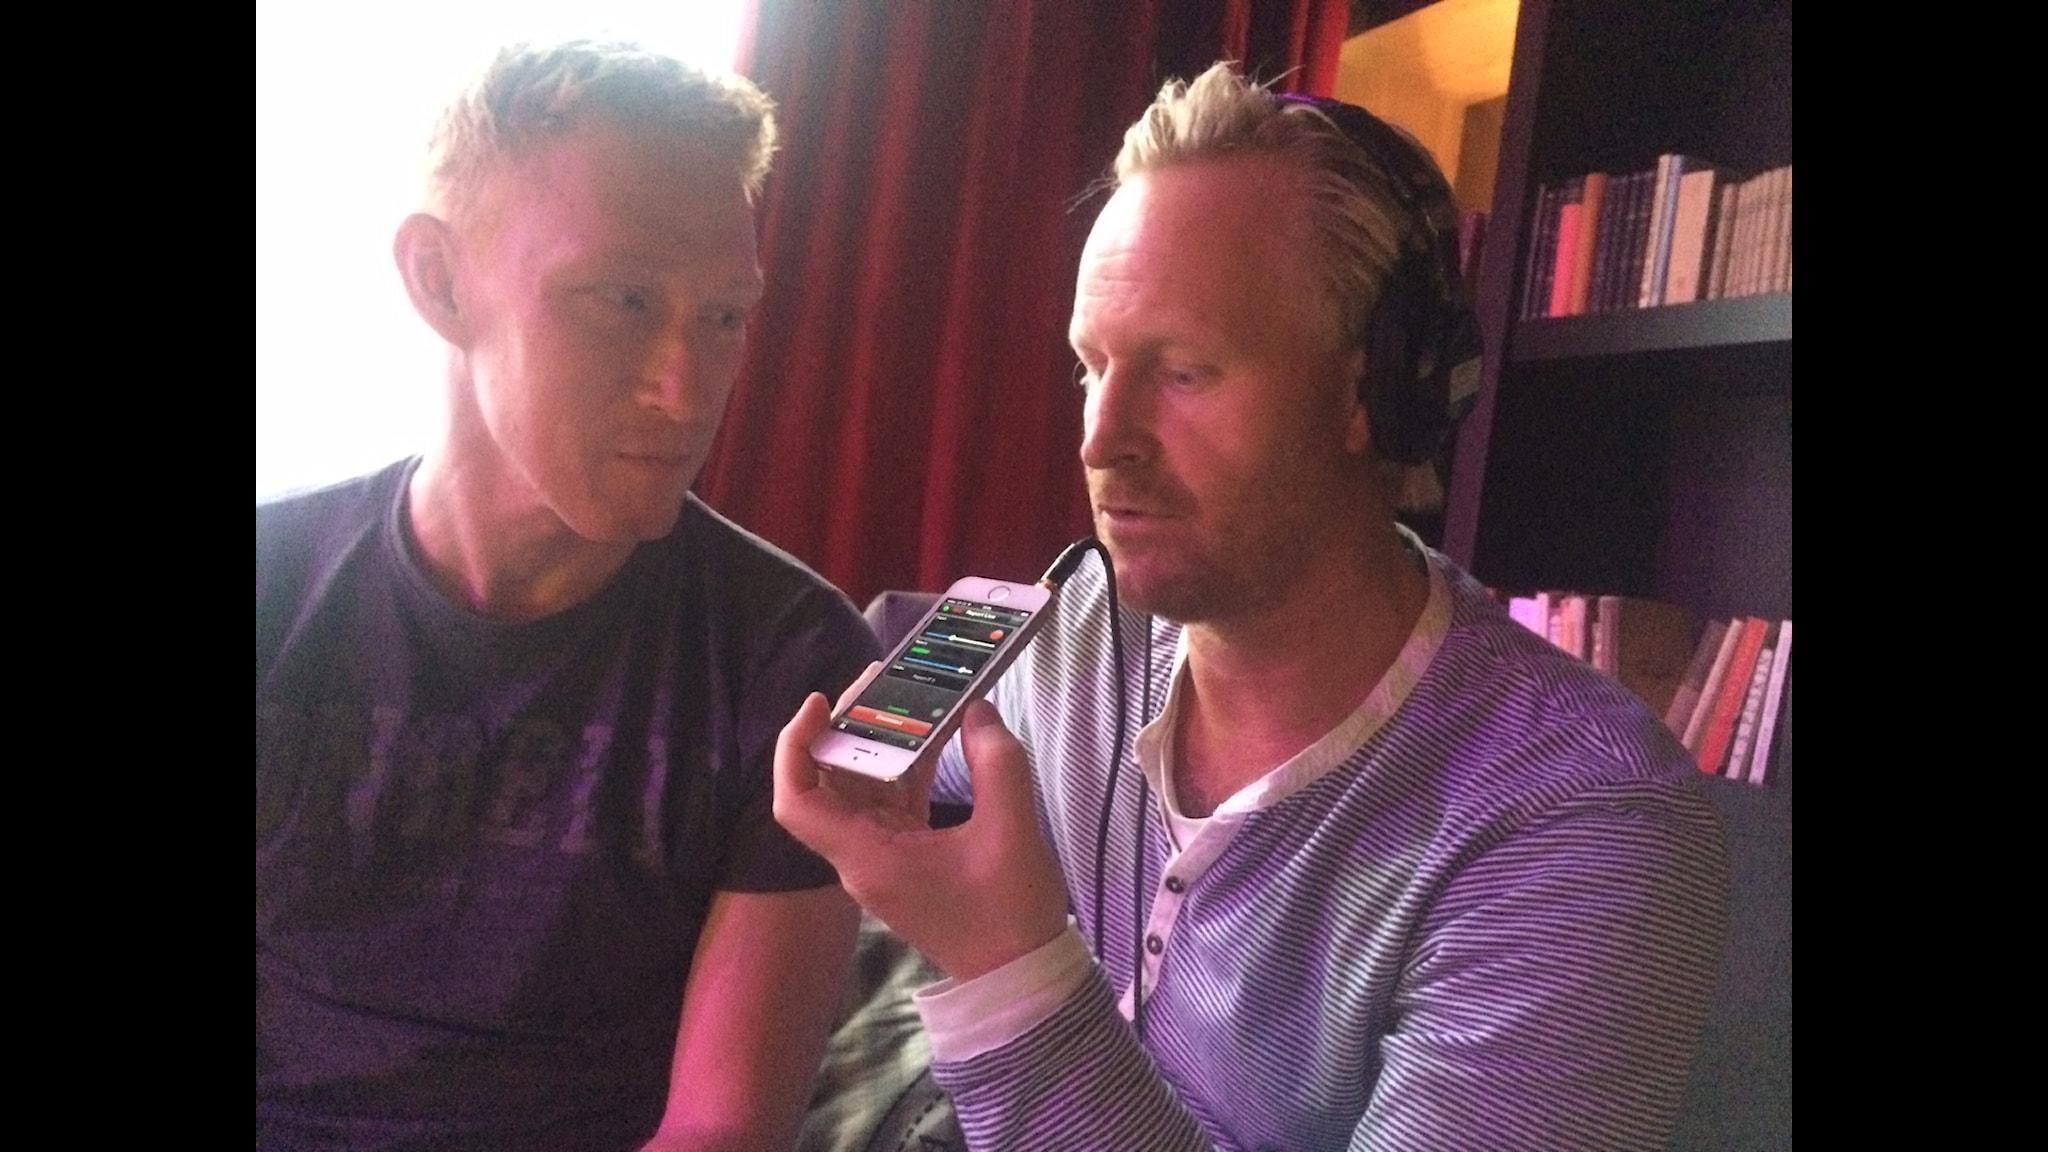 De når semifinal i JVM & Jörgen Jönsson listar de tre viktigaste spelarna i Juniorkronorna